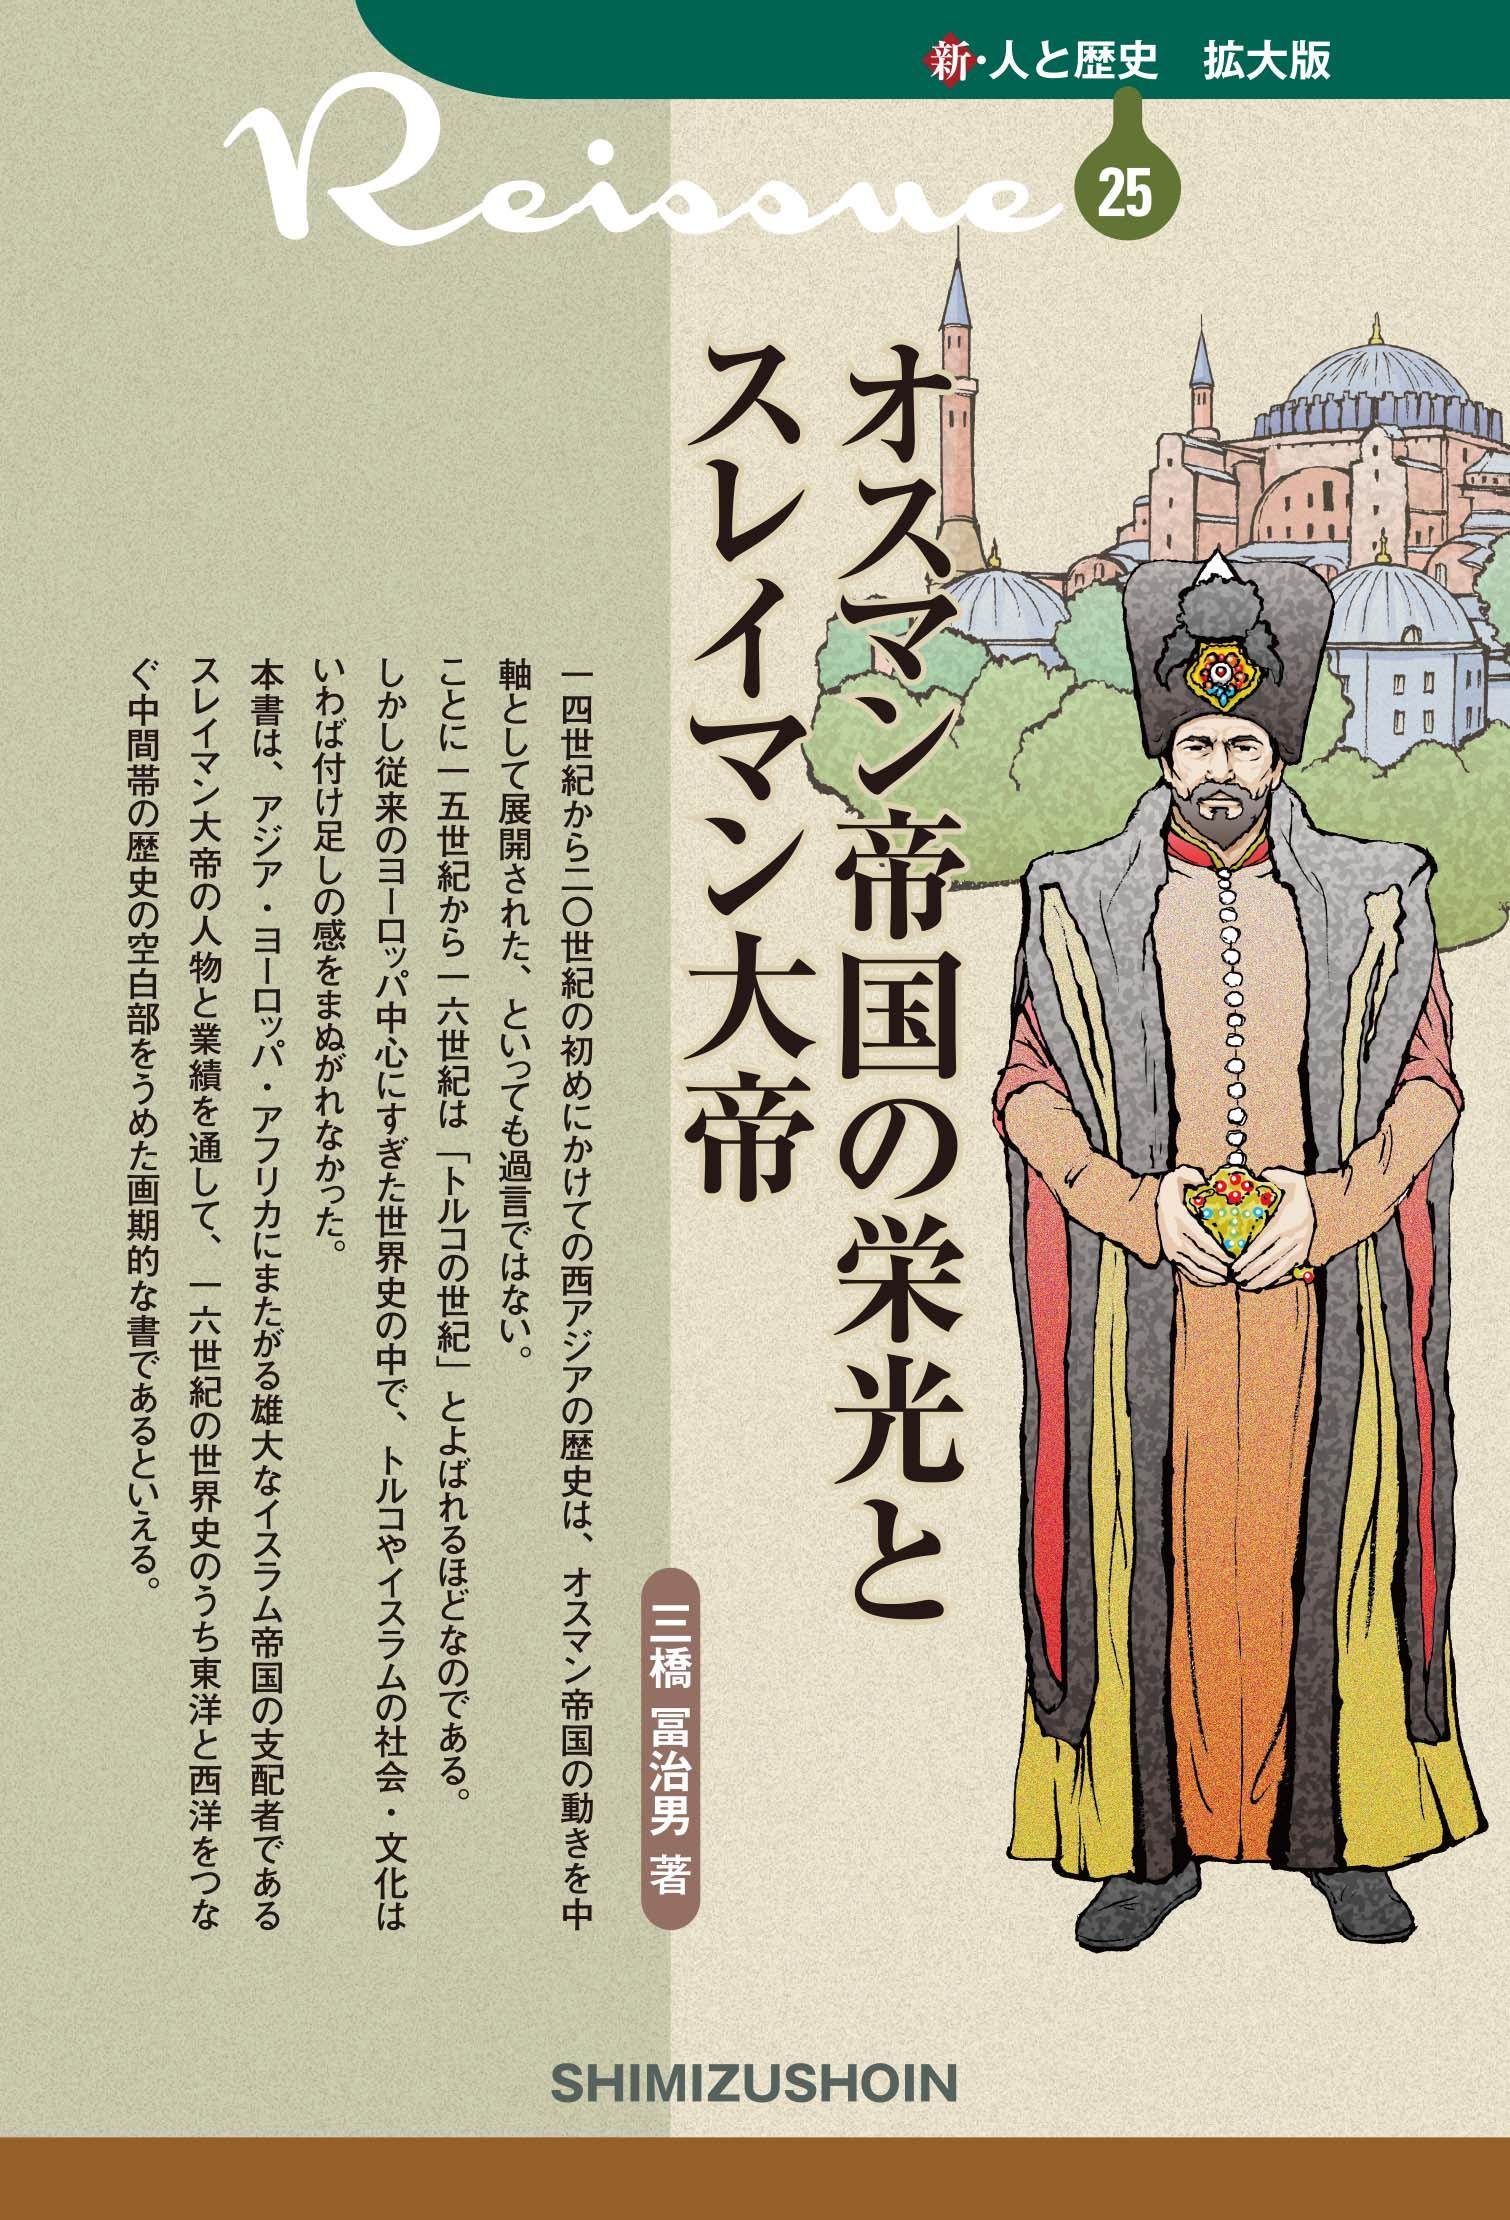 オスマン帝国の栄光とスレイマン大帝 (新・人と歴史拡大版)